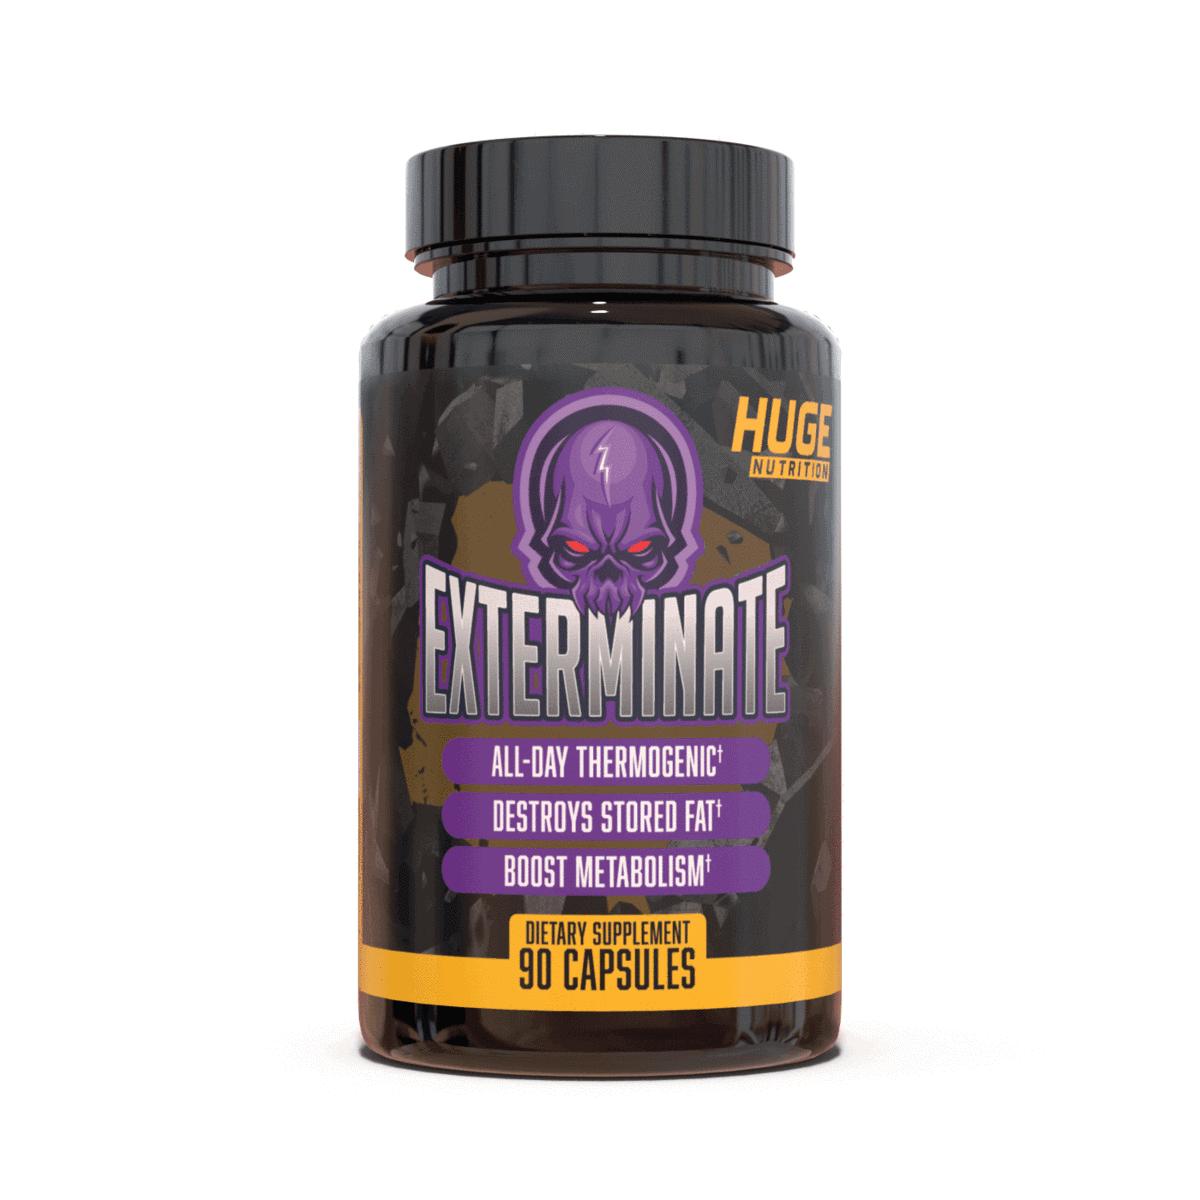 Exterminate Thermogenic Fat Burner (90 Capsules)